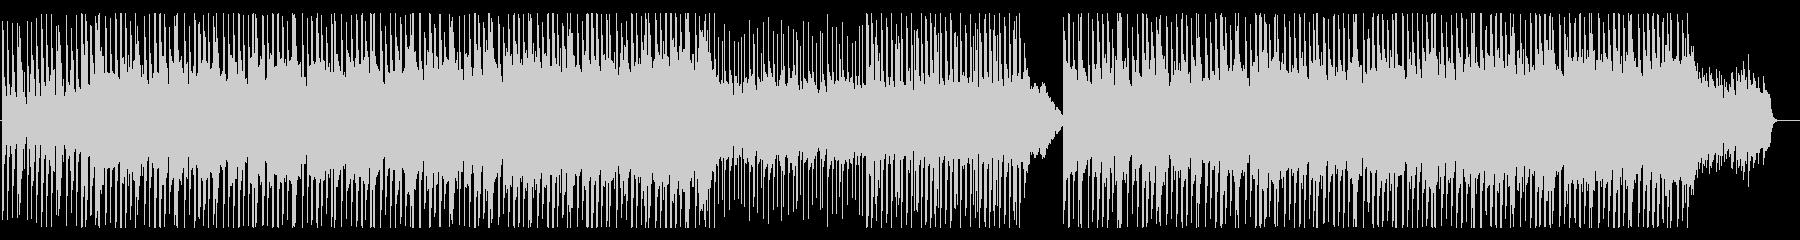 クールなハウス3の未再生の波形